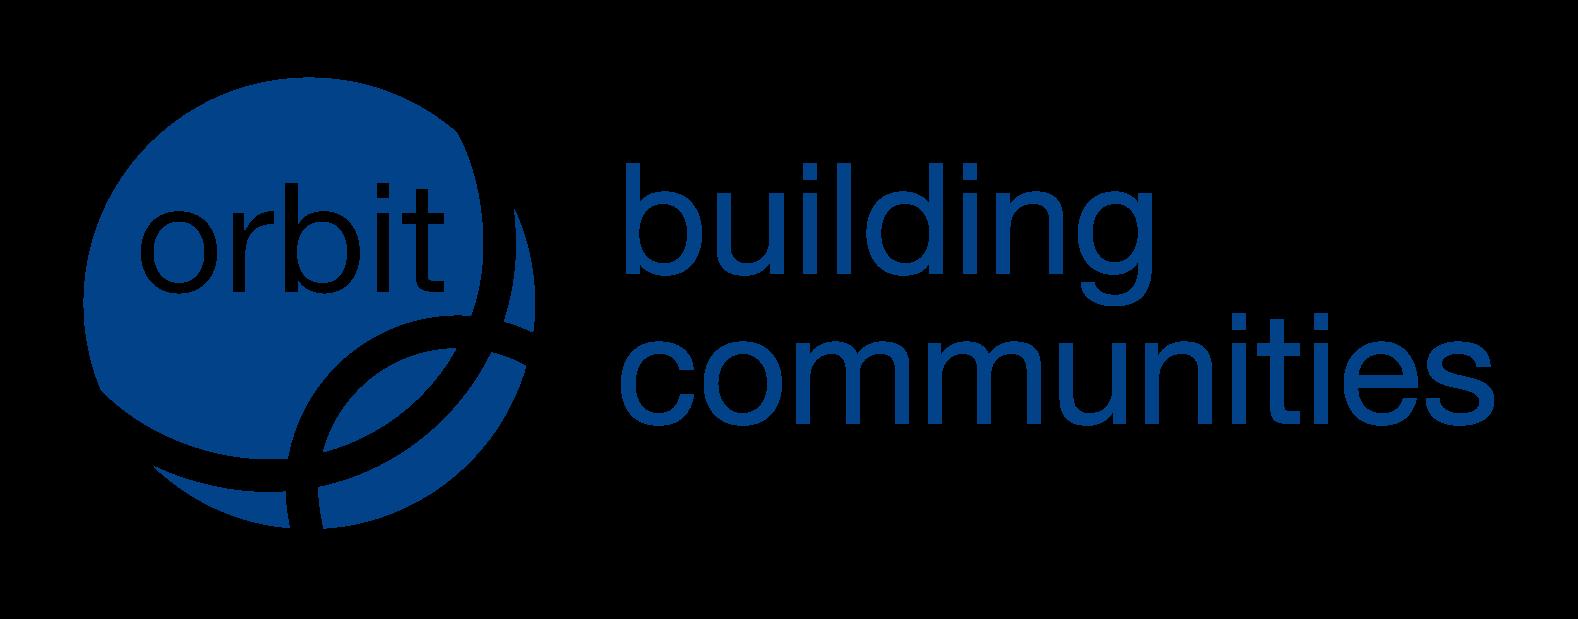 Orbit Building Communities